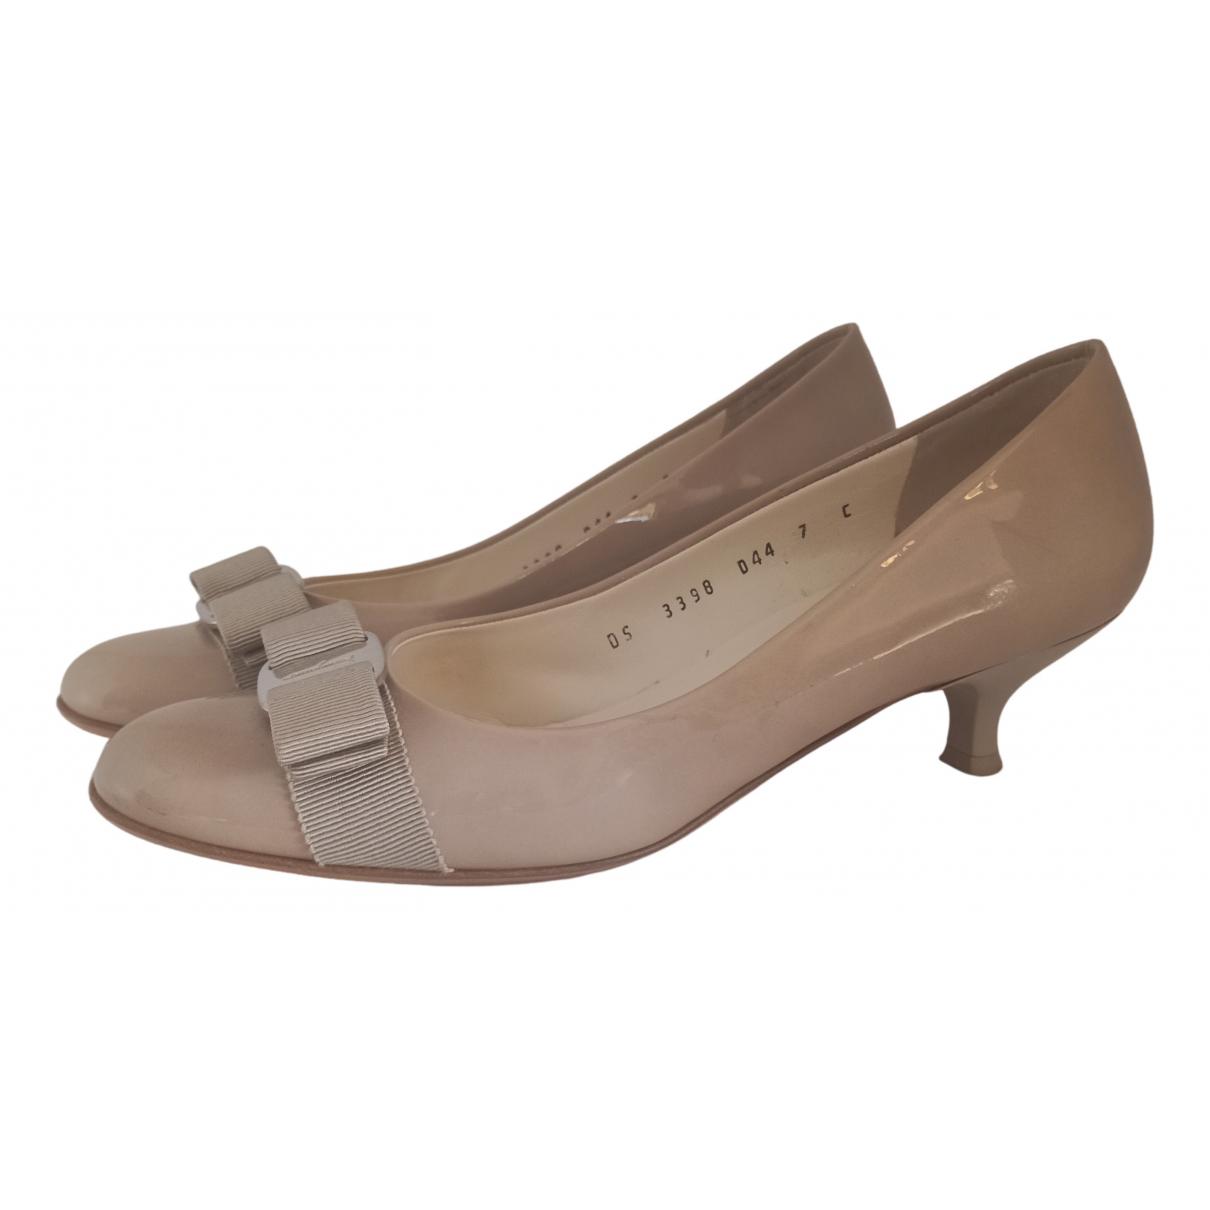 Salvatore Ferragamo N Beige Patent leather Heels for Women 7 UK